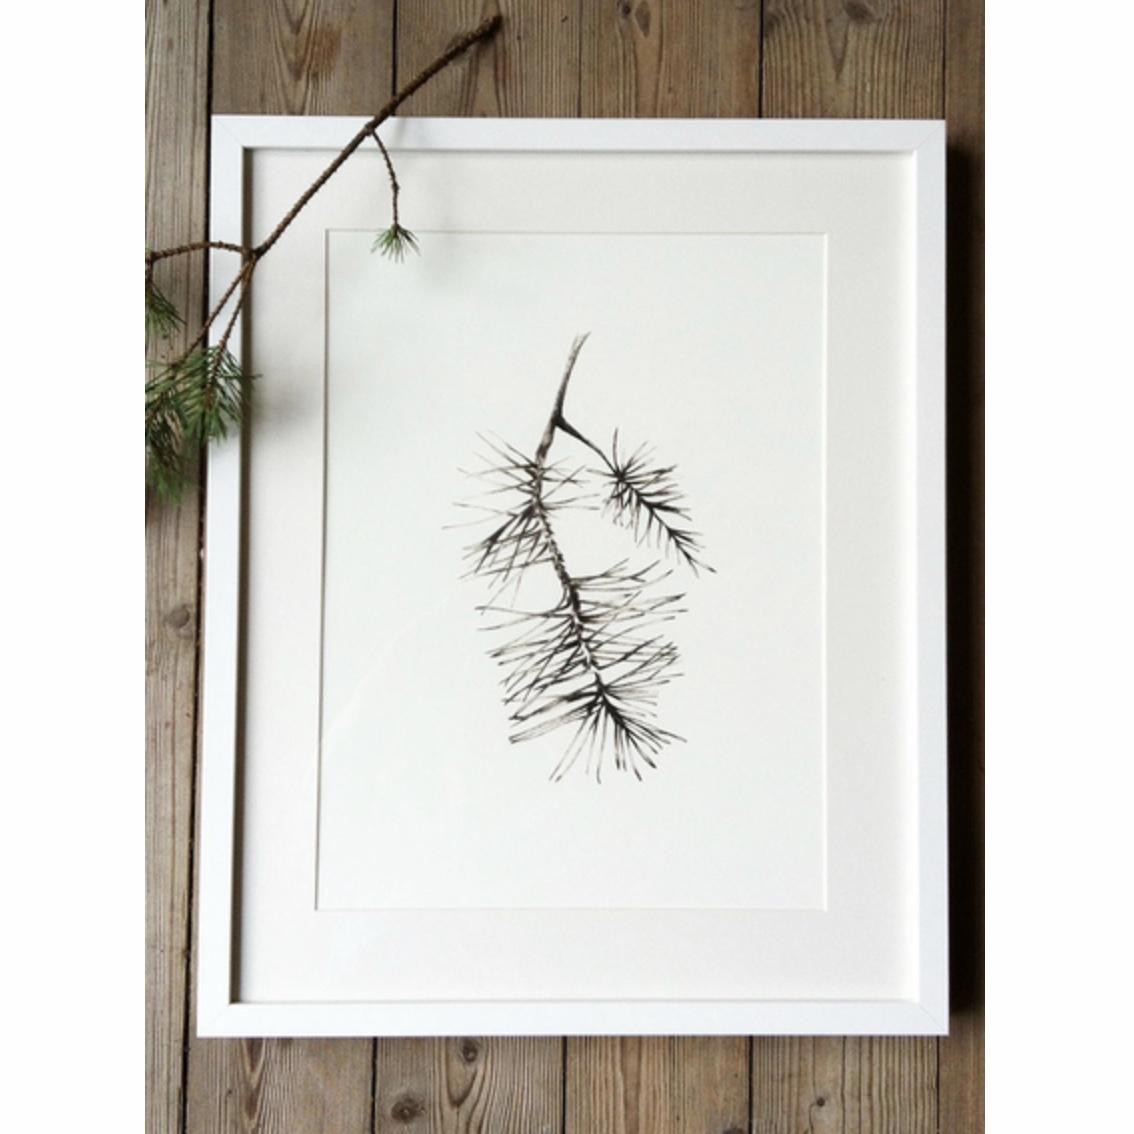 Anna-Lena Rågfälts, Tallbarr print